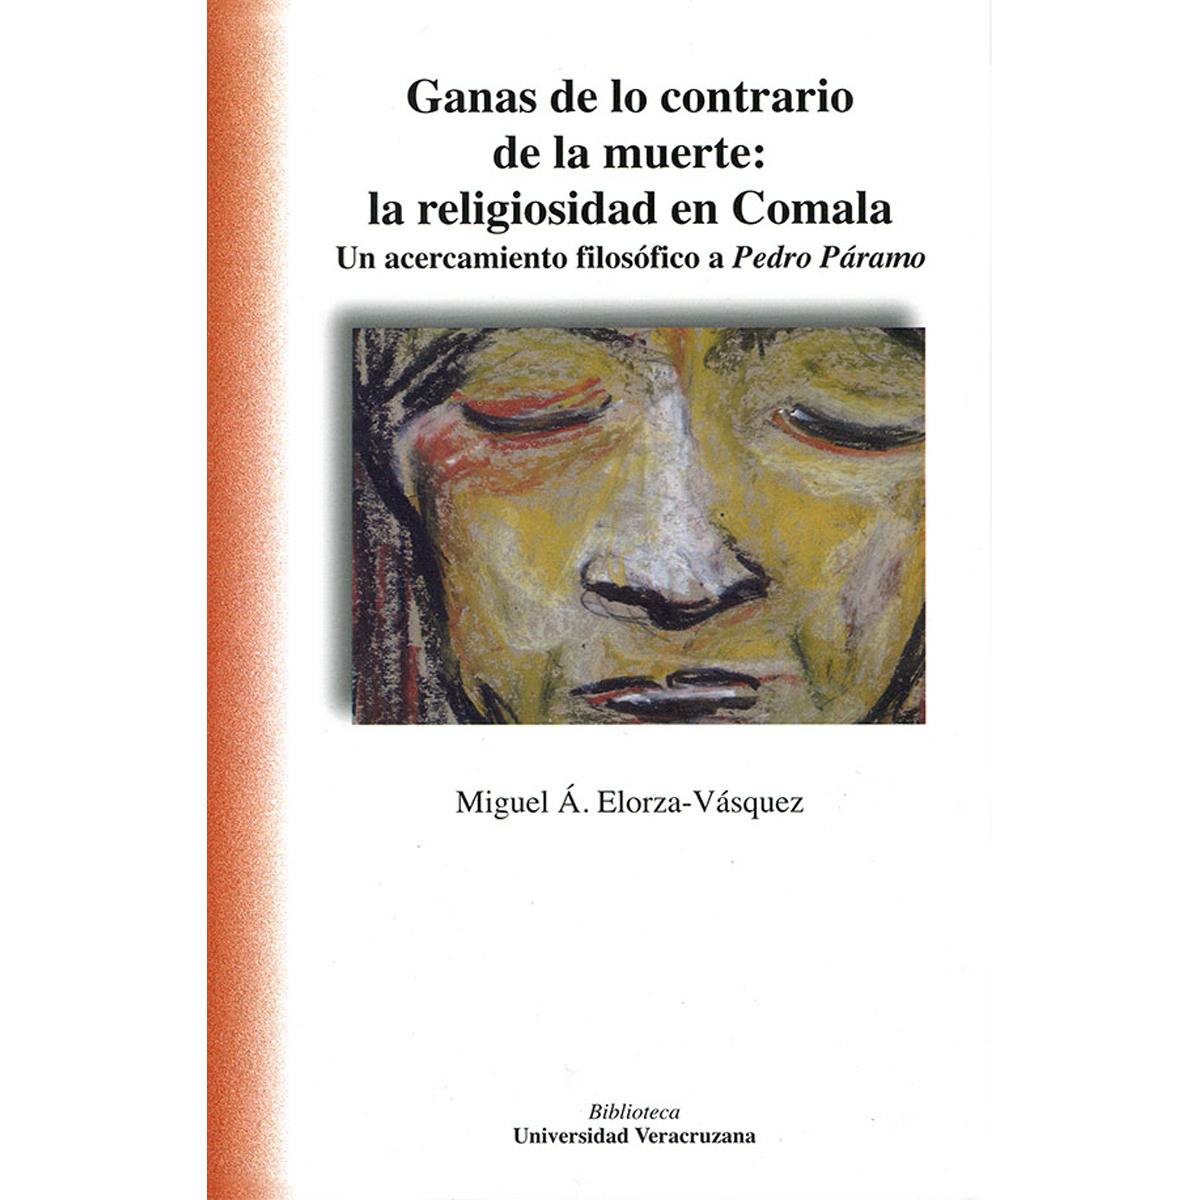 Ganas de lo contrario a la muerte: la religiosidad en Comala